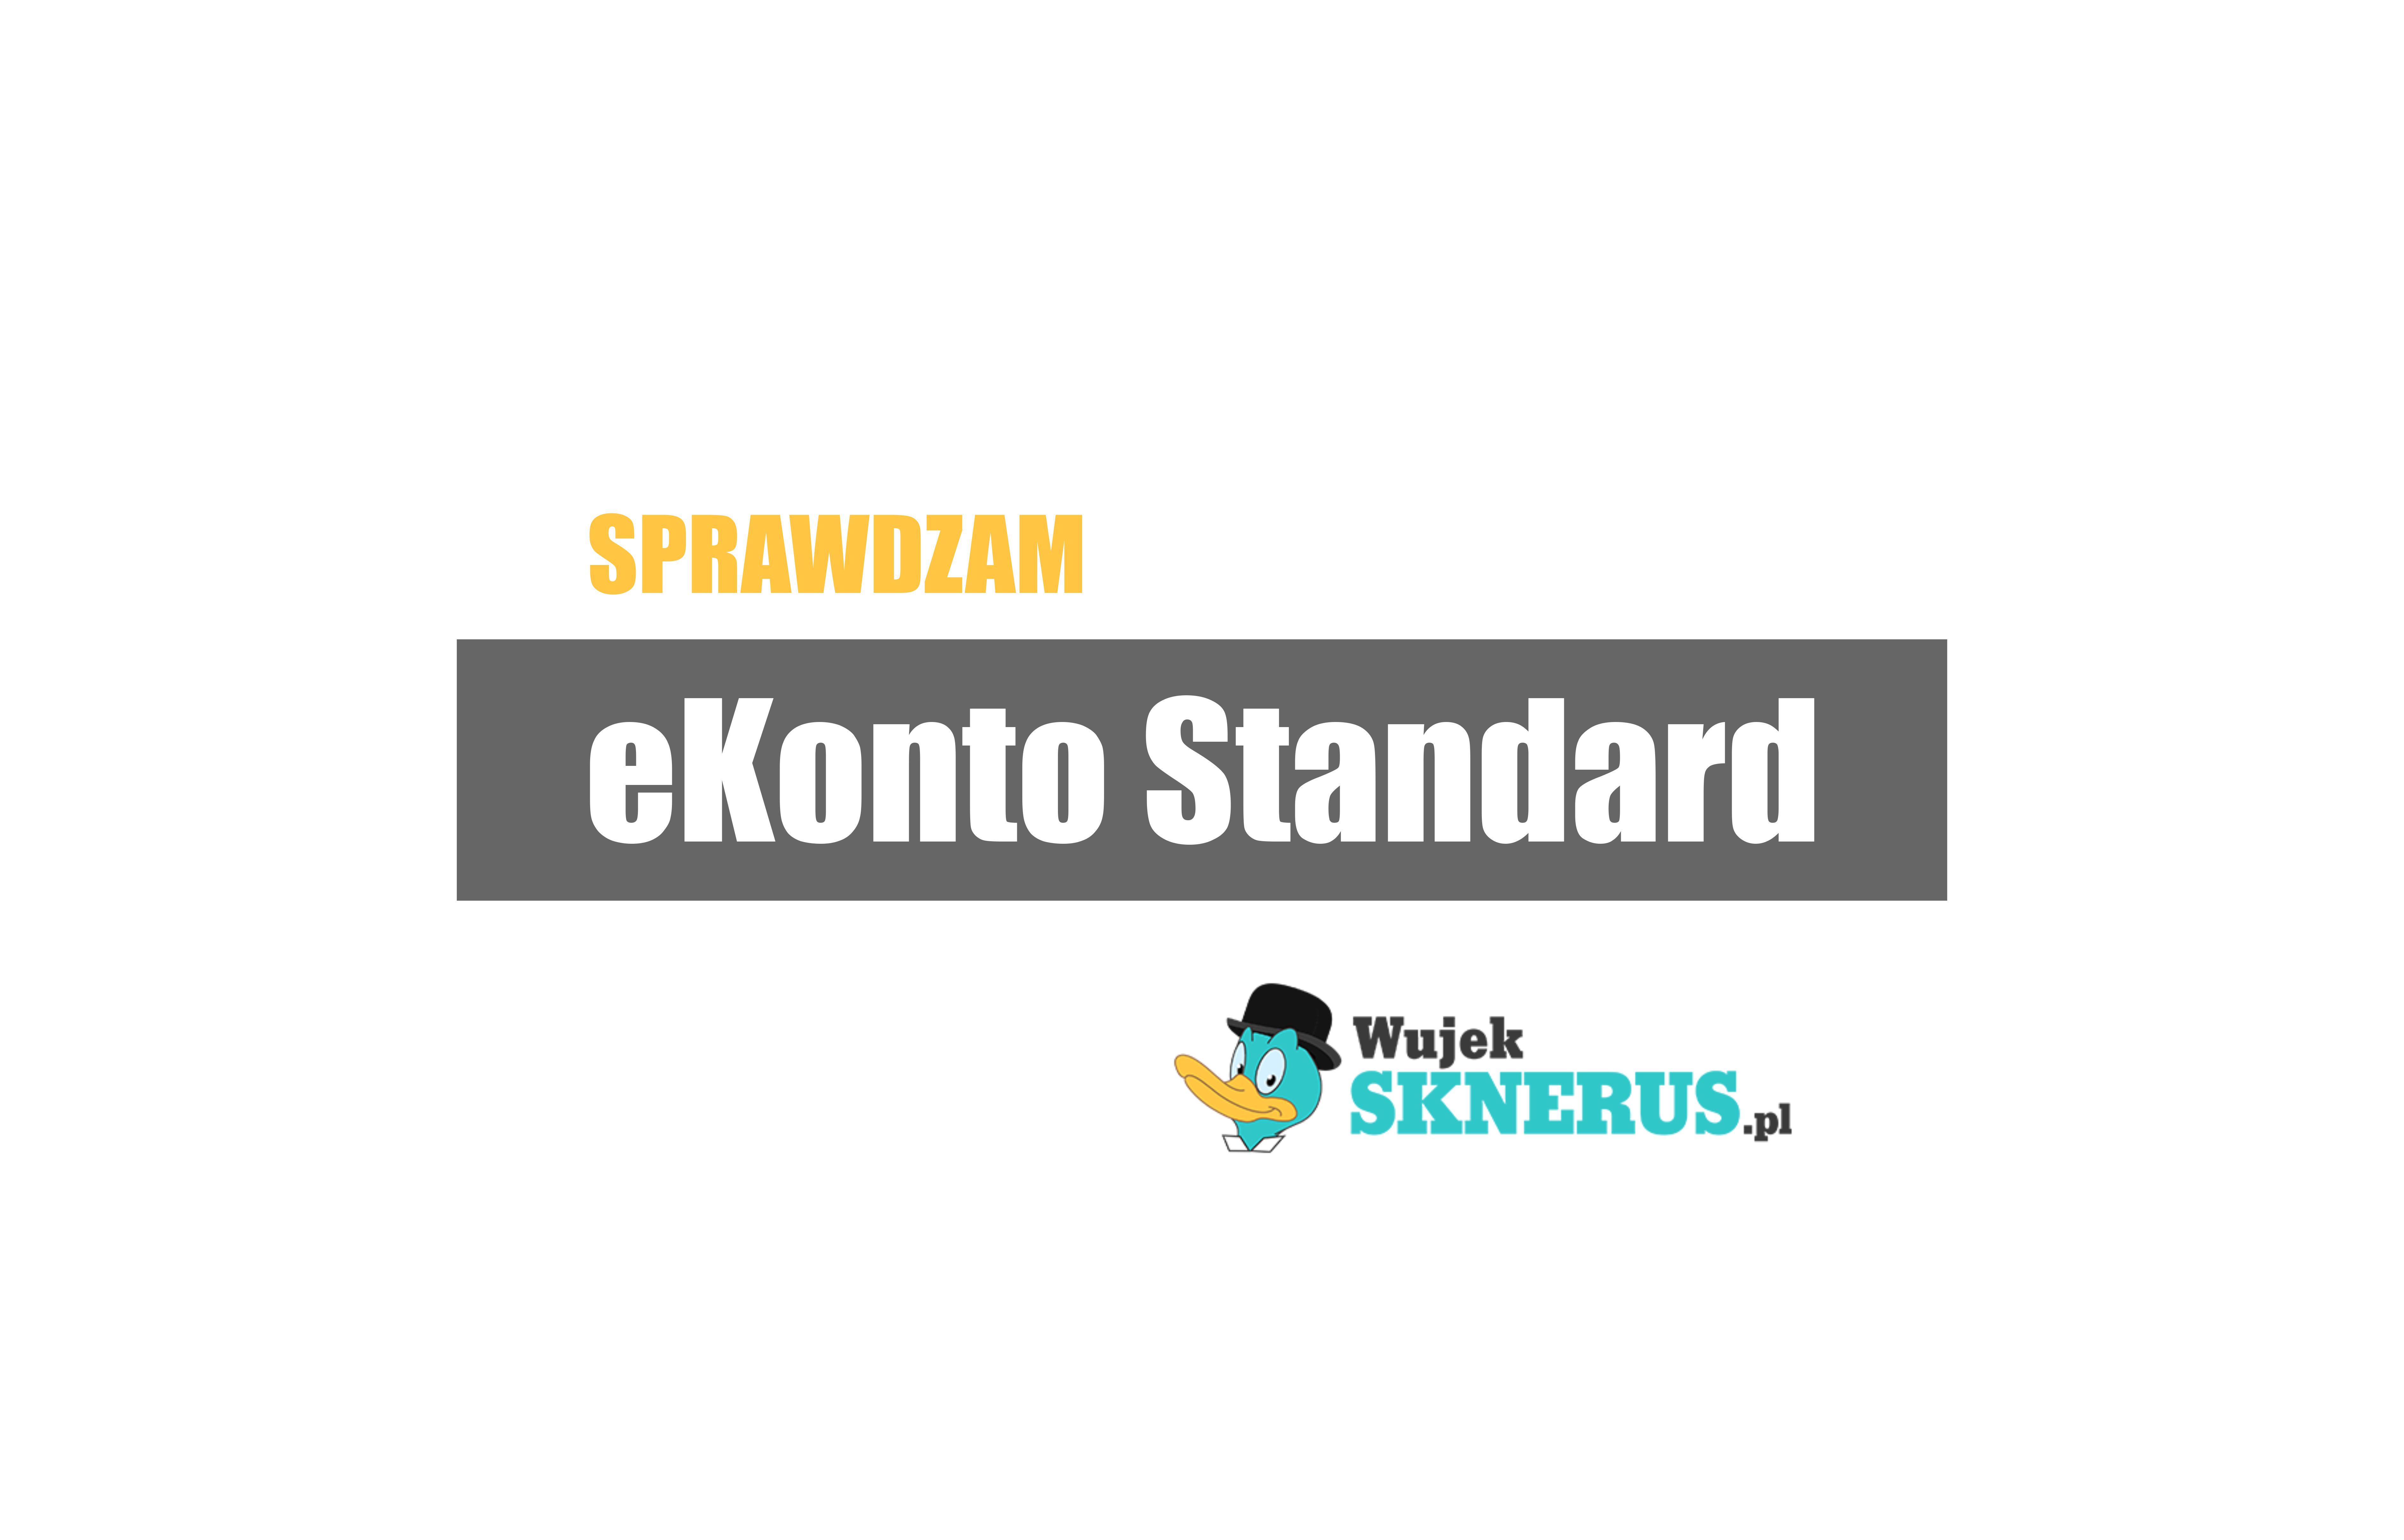 eKonto Standard od mBanku